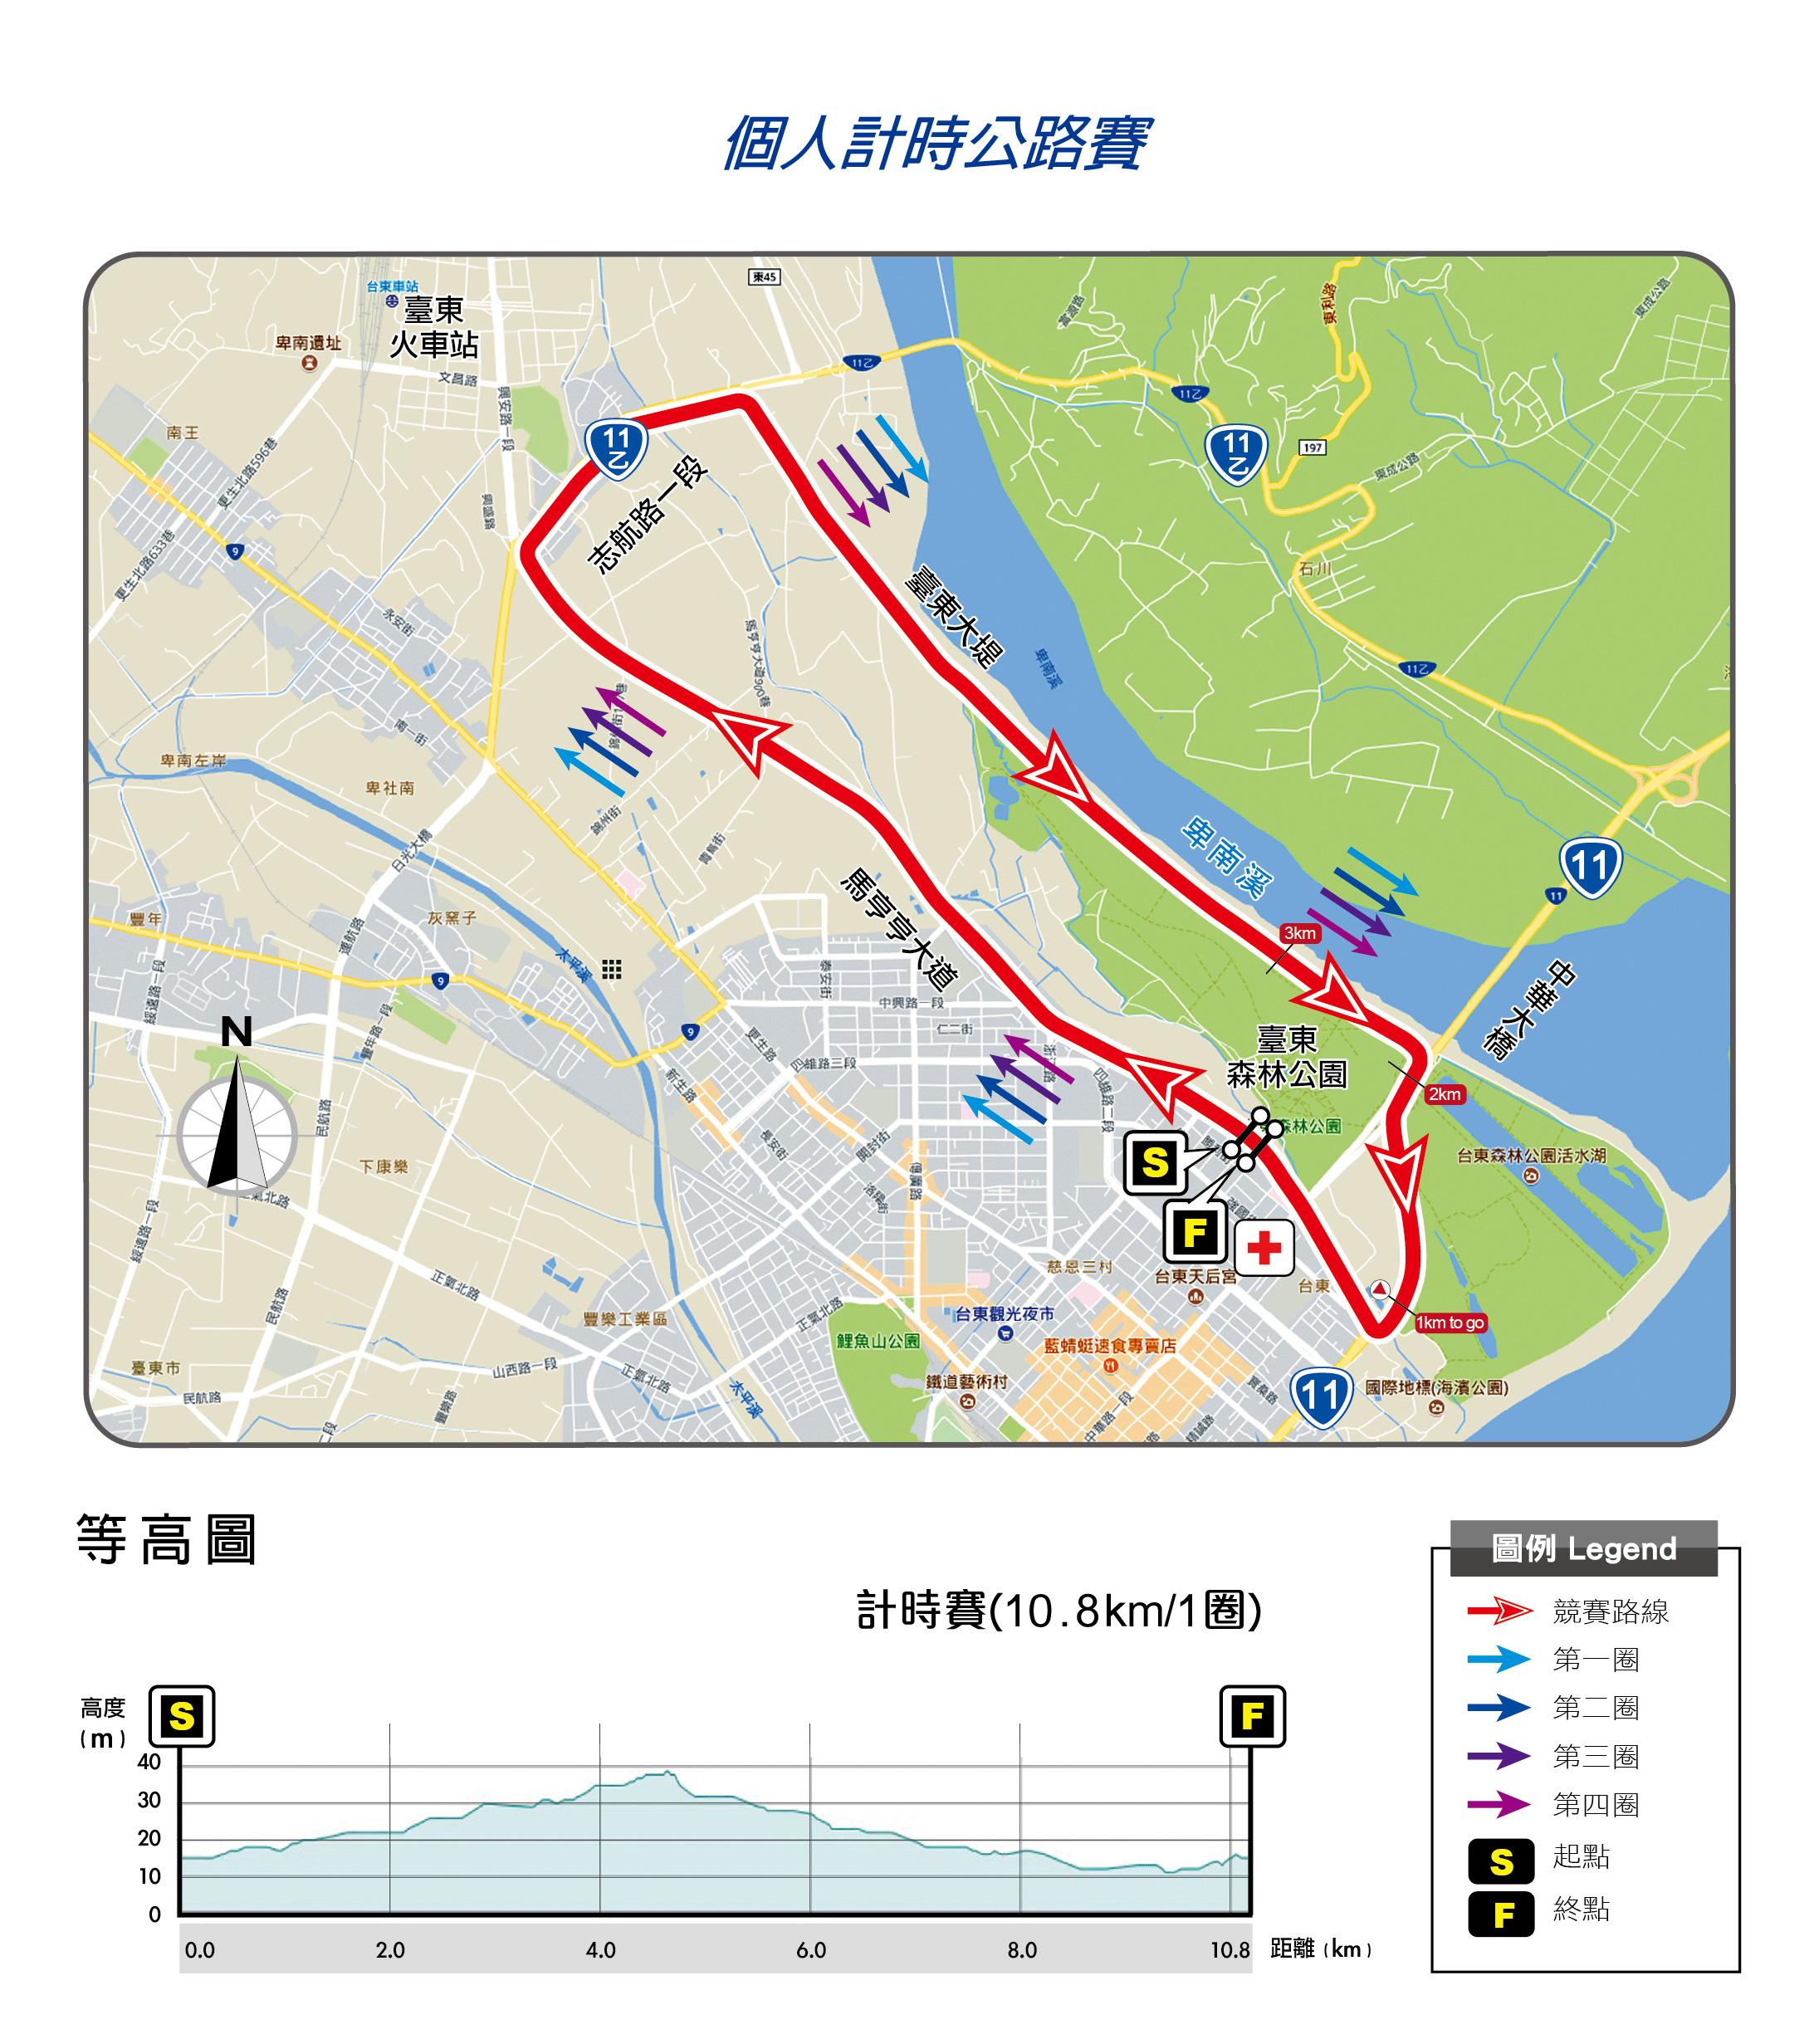 106競賽路線圖(計時公路賽)